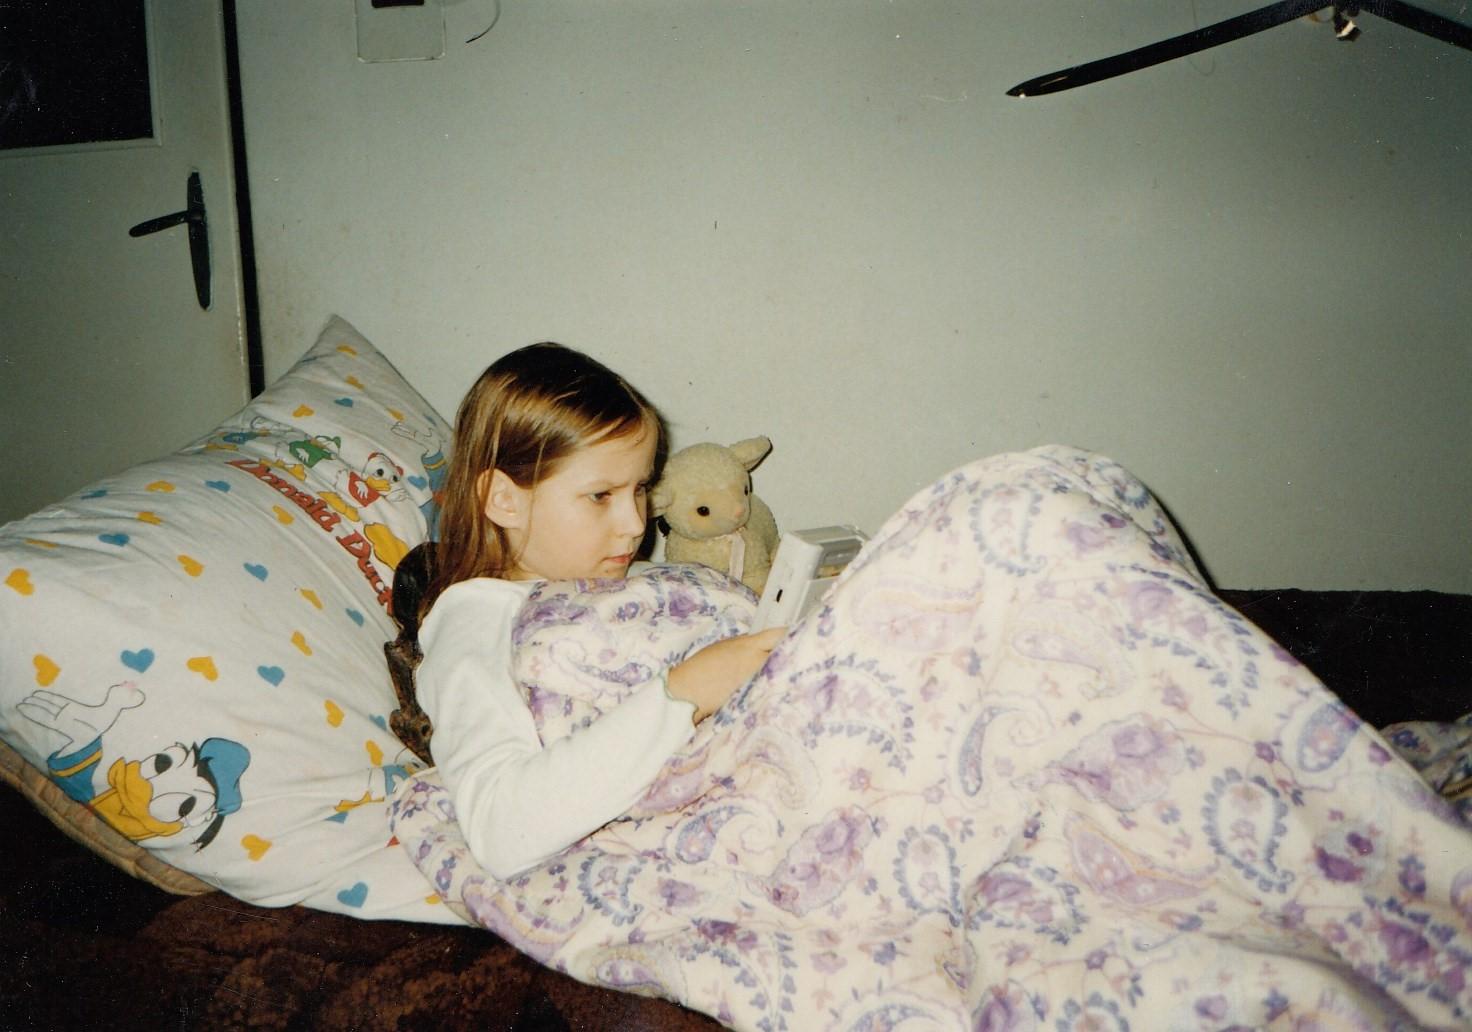 Wsparta napoduszkach, bywerniksem damarowym niezakrztusić się, zabijam czas grając wTetris naGame Boyu, 1999